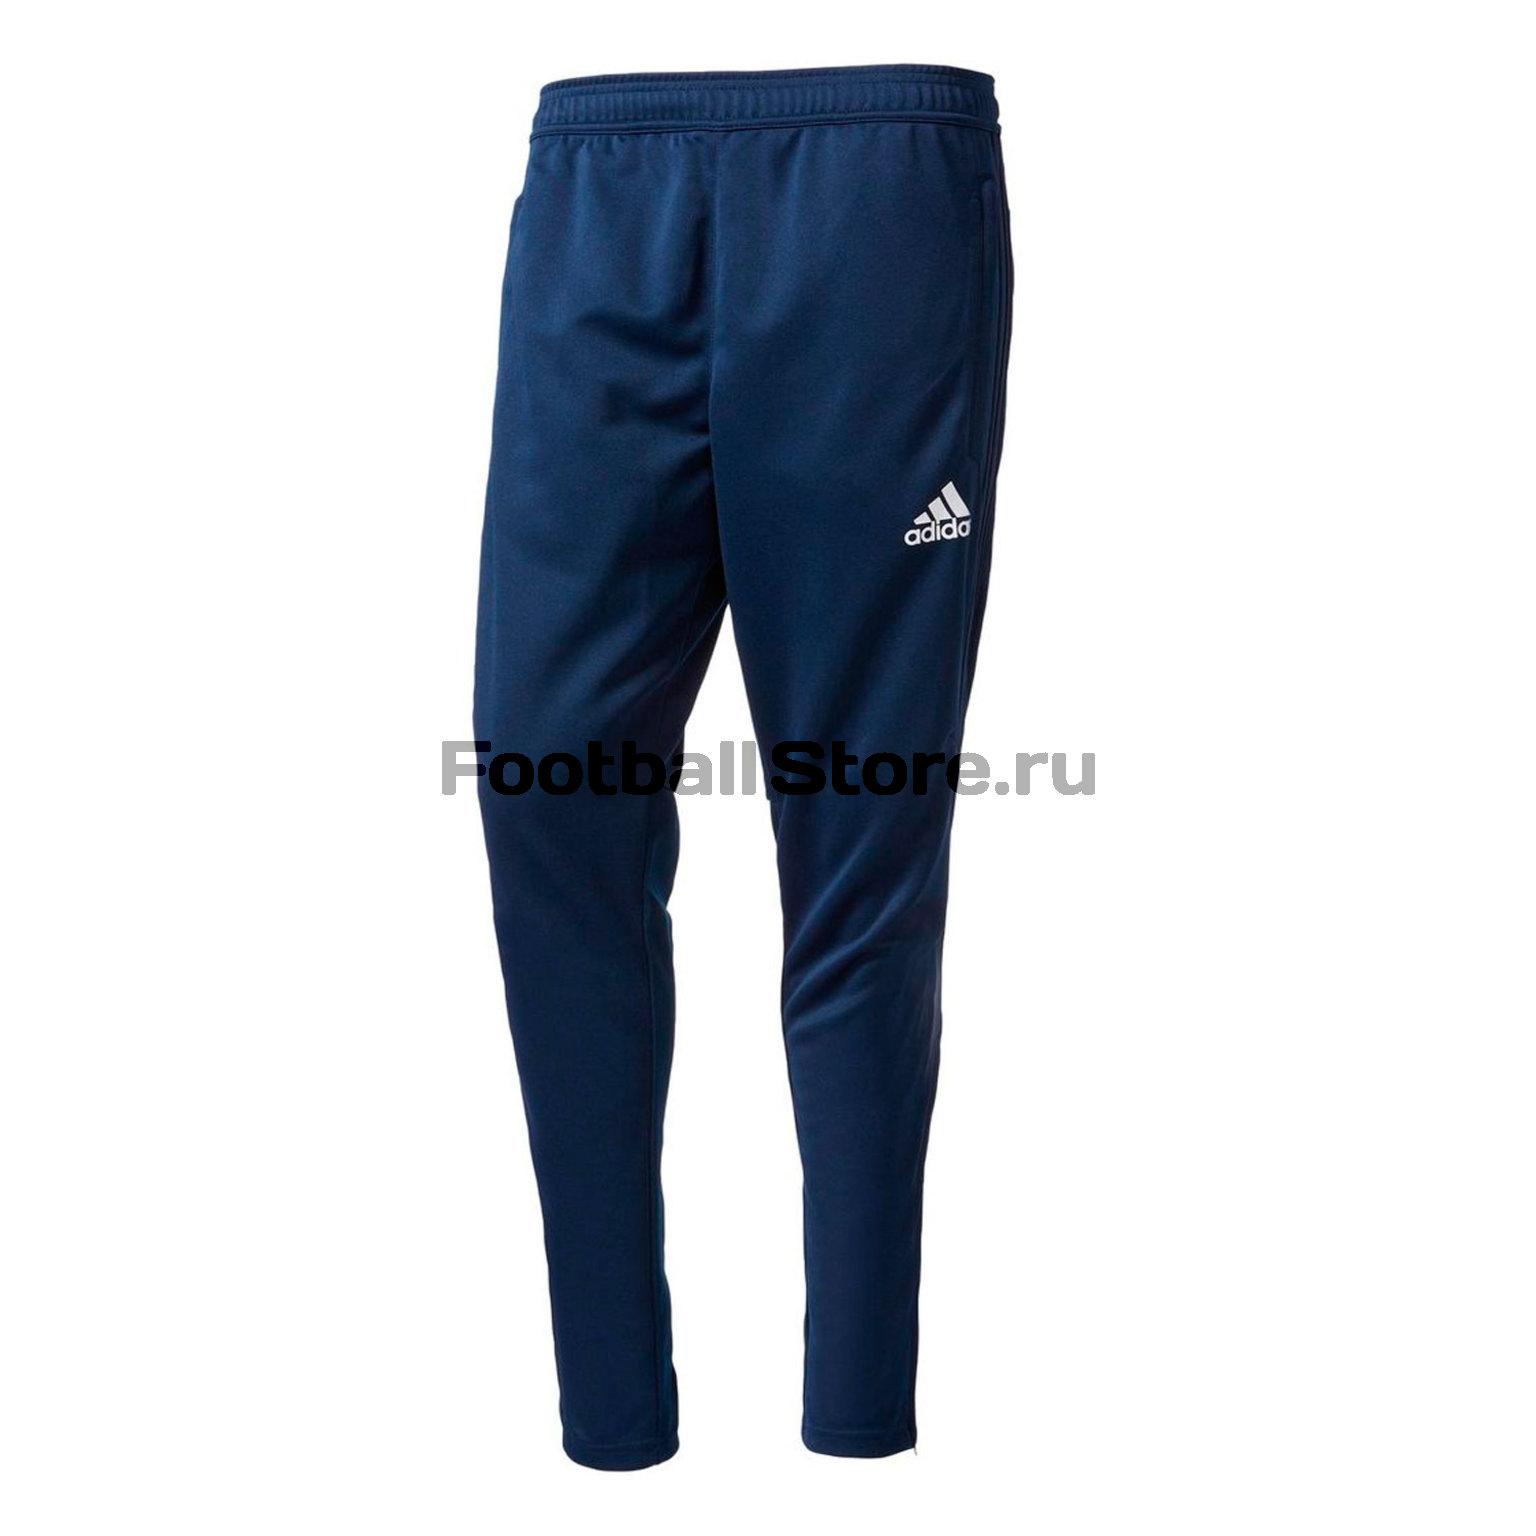 Брюки тренировочные Adidas Tiro17 Pes Pnt BQ2619 брюки adidas брюки тренировочные adidas tiro17 rn pnt ay2896